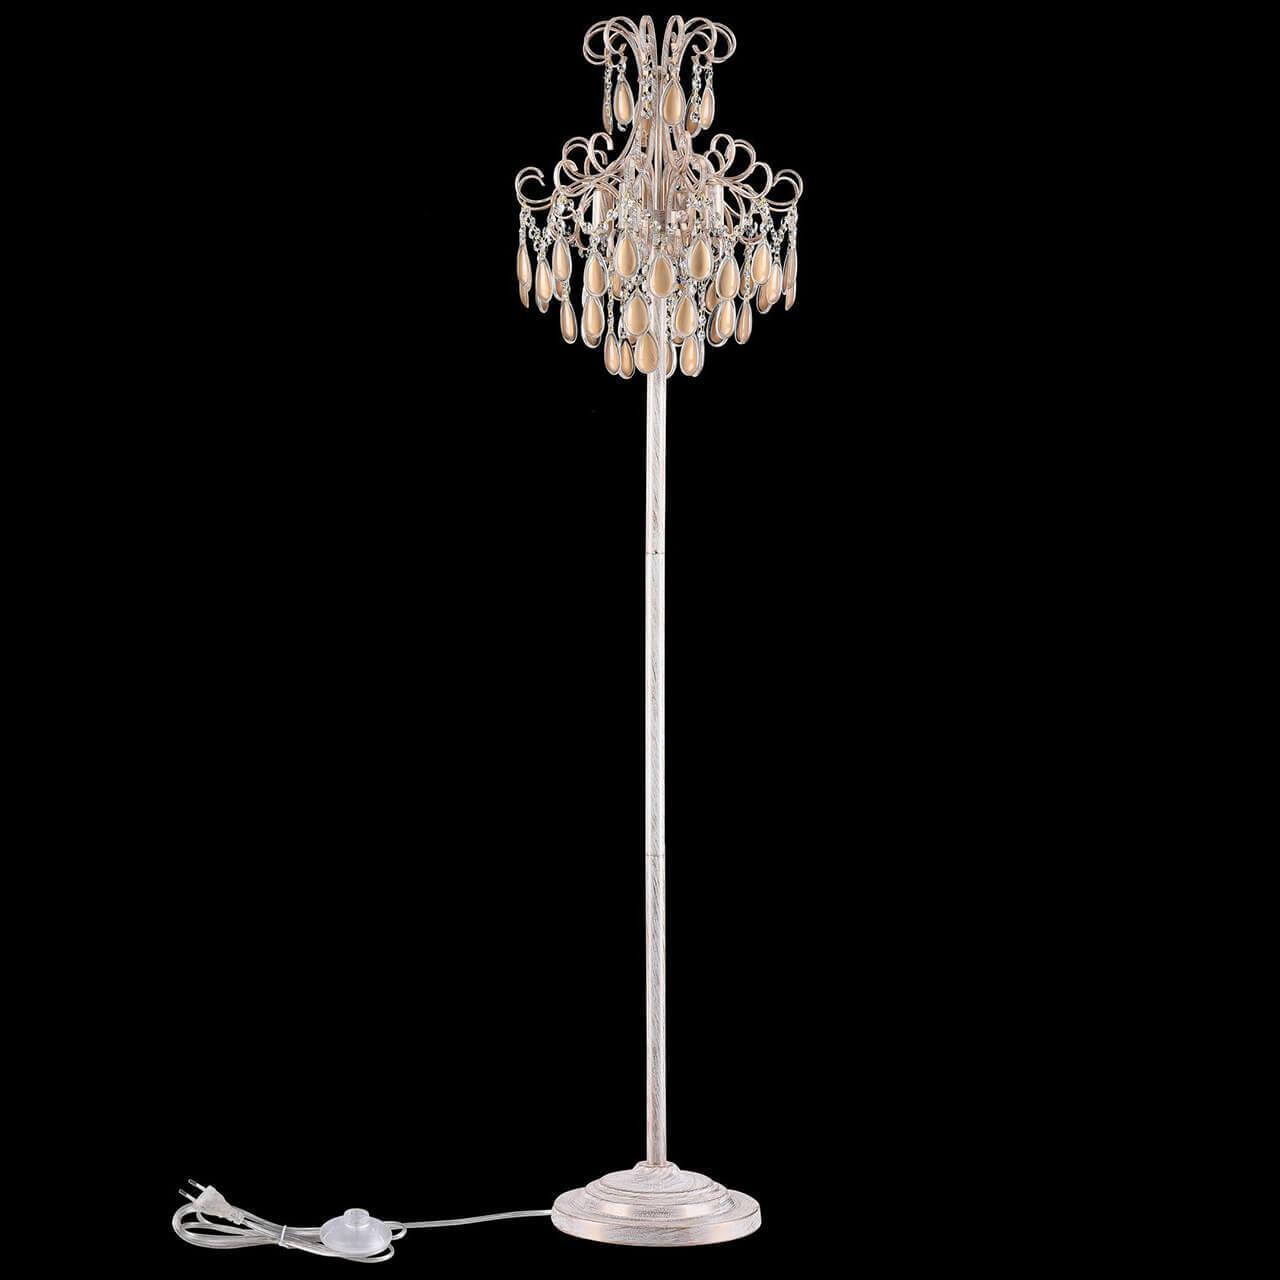 цены на Напольный светильник Freya FR2302FL-04WG, E14, 40 Вт  в интернет-магазинах